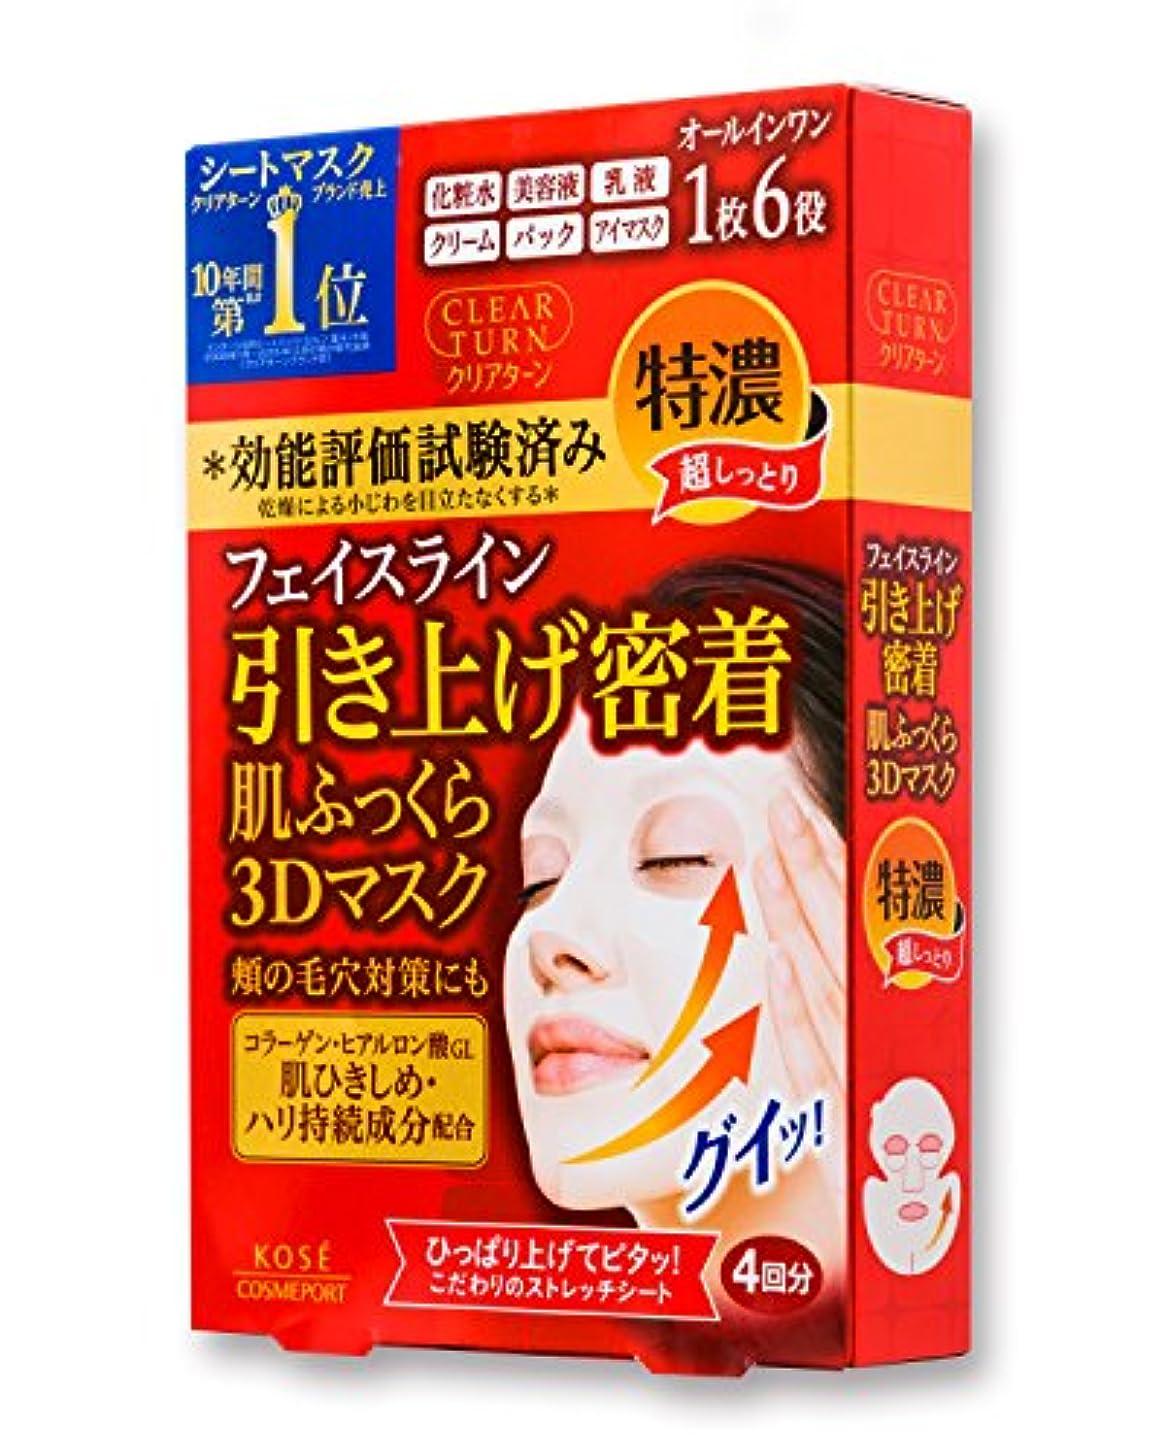 事件、出来事冒険者連邦KOSE コーセー クリアターン 肌ふっくら モイスト リフト マスク 4枚 フェイスマスク